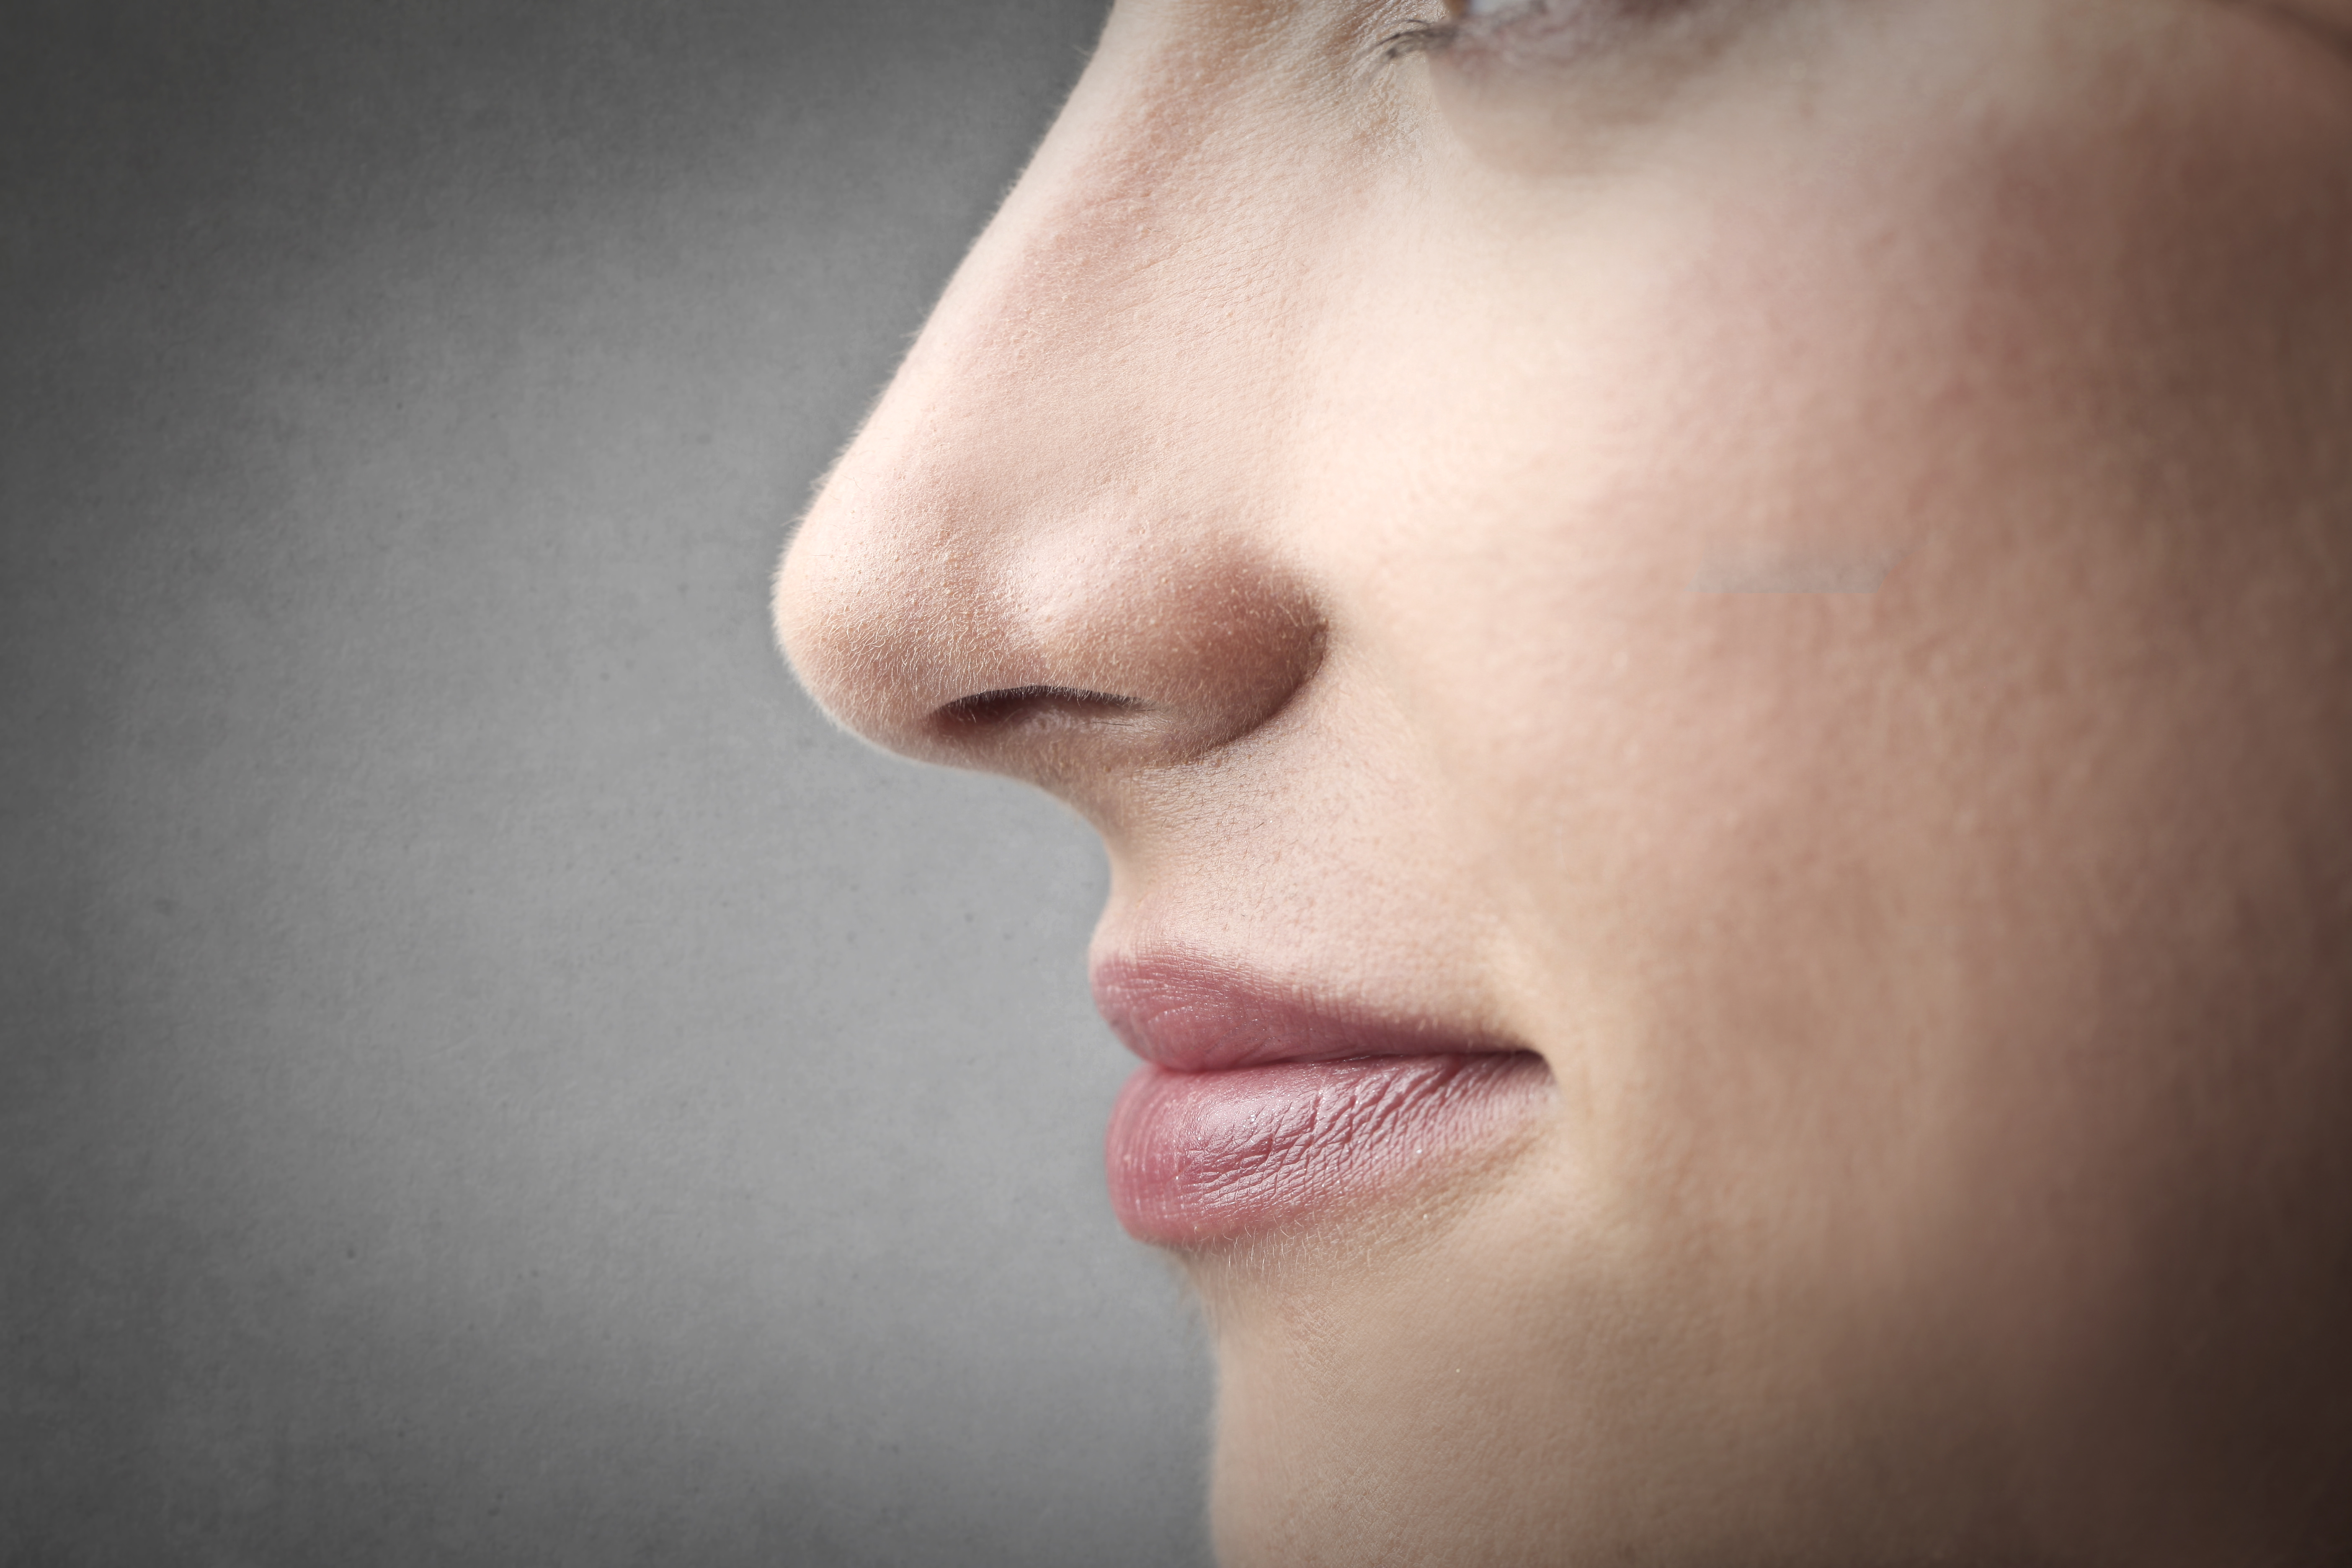 schiefe zahn implantate gefärlich